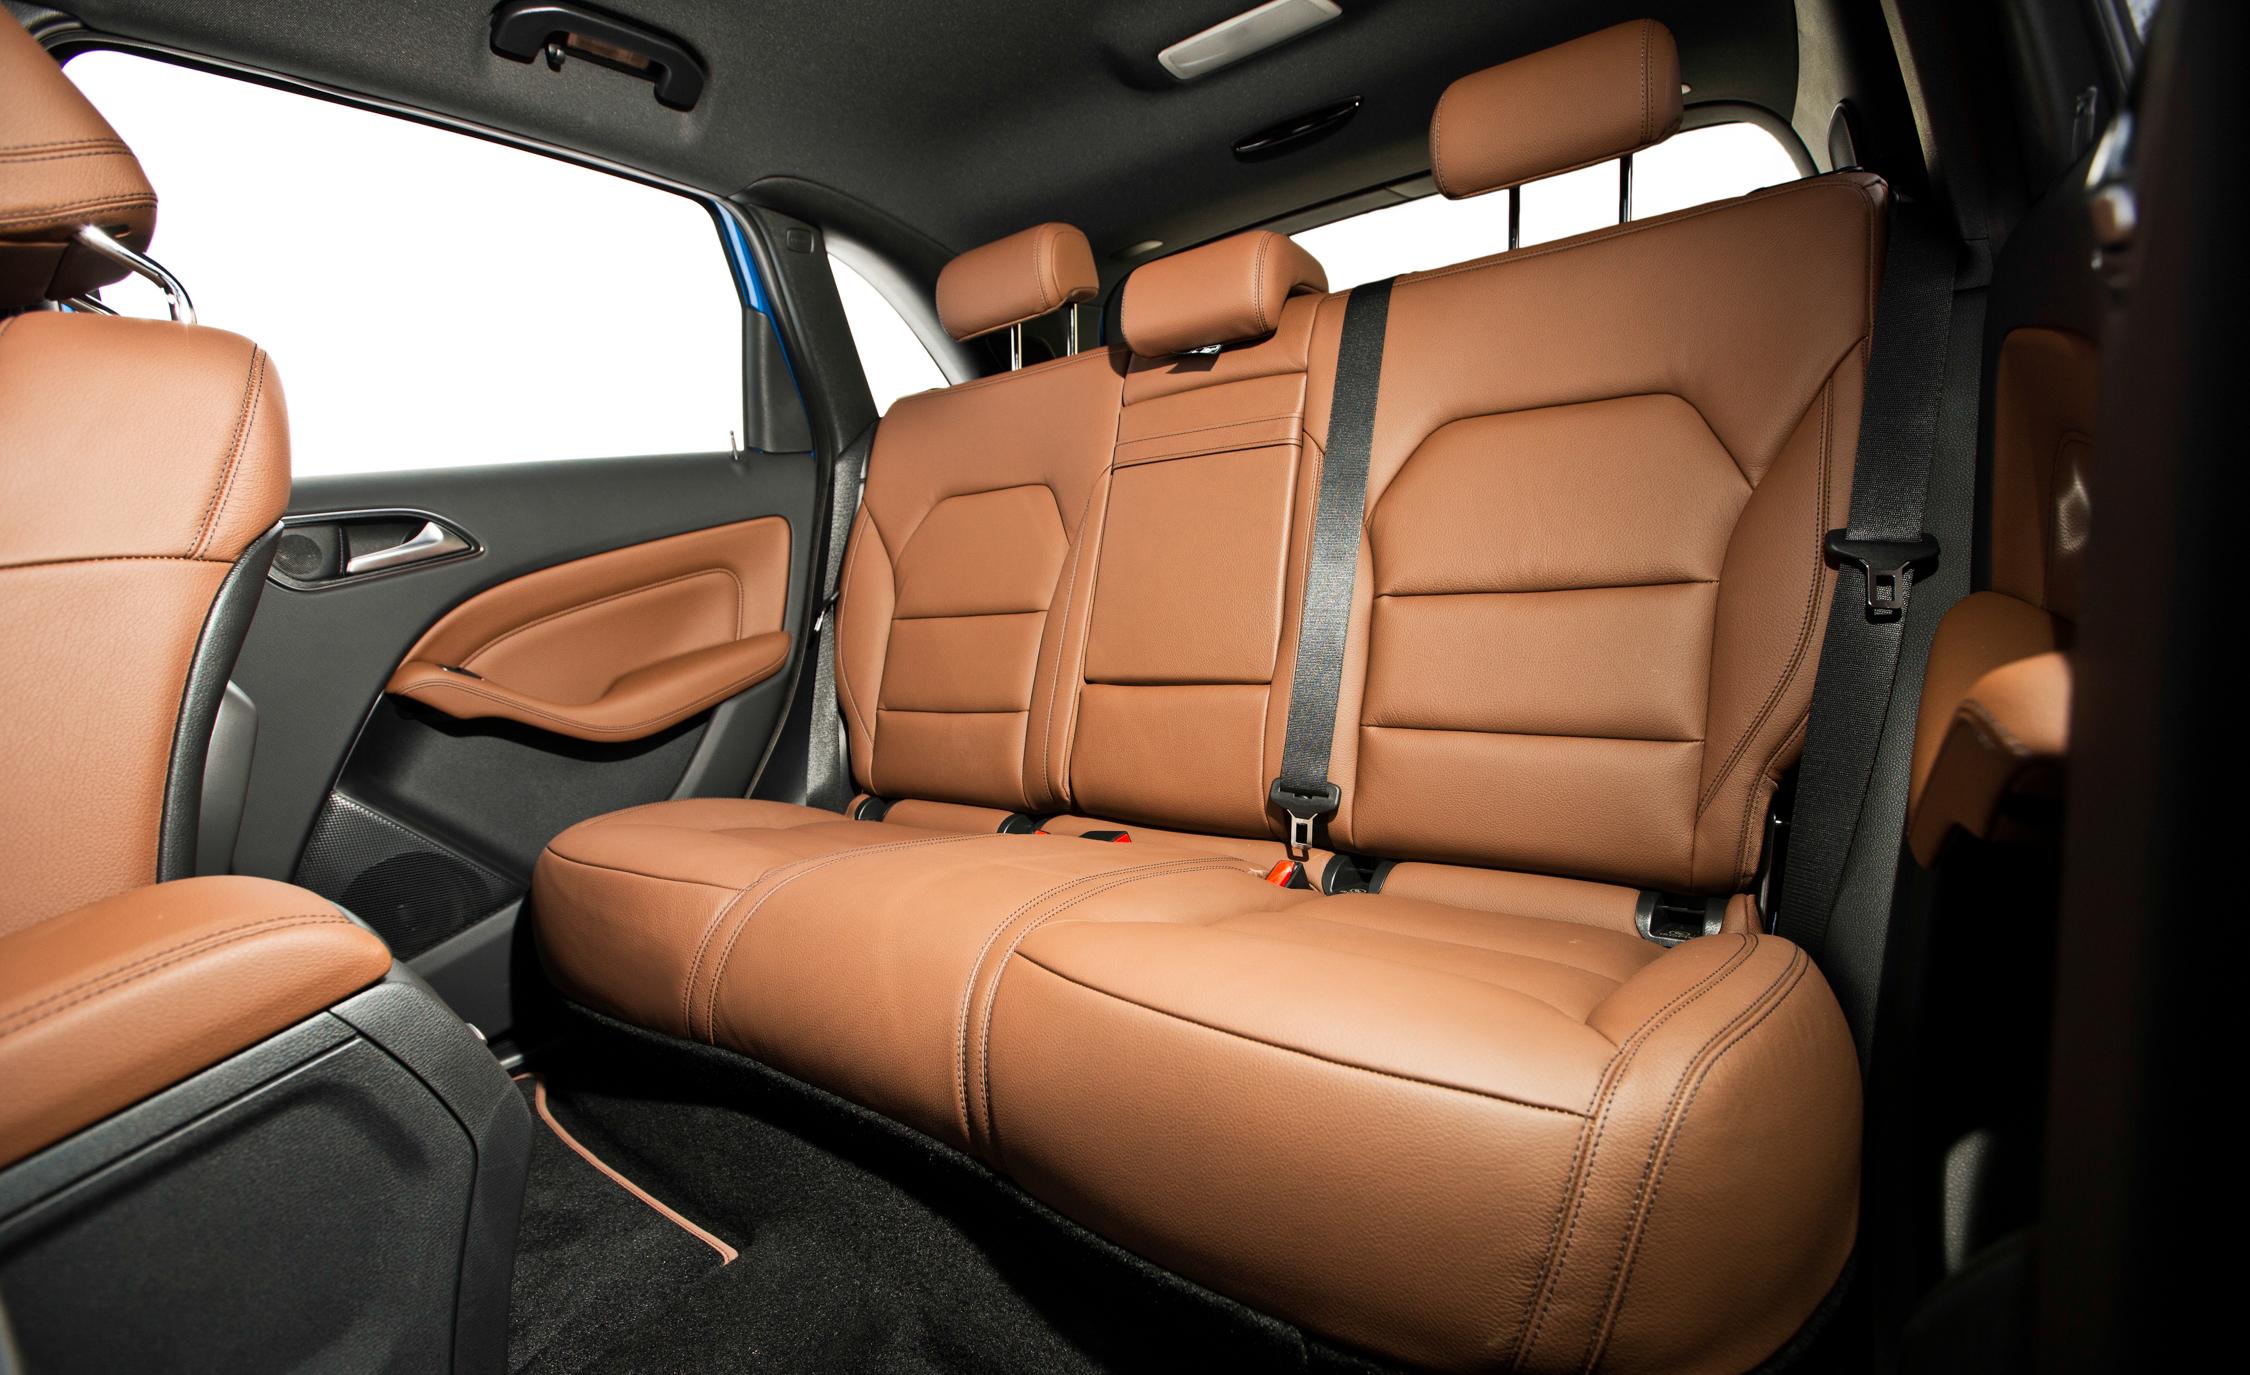 2014 Mercedes-Benz B-class Electric Drive Interior Rear Seats